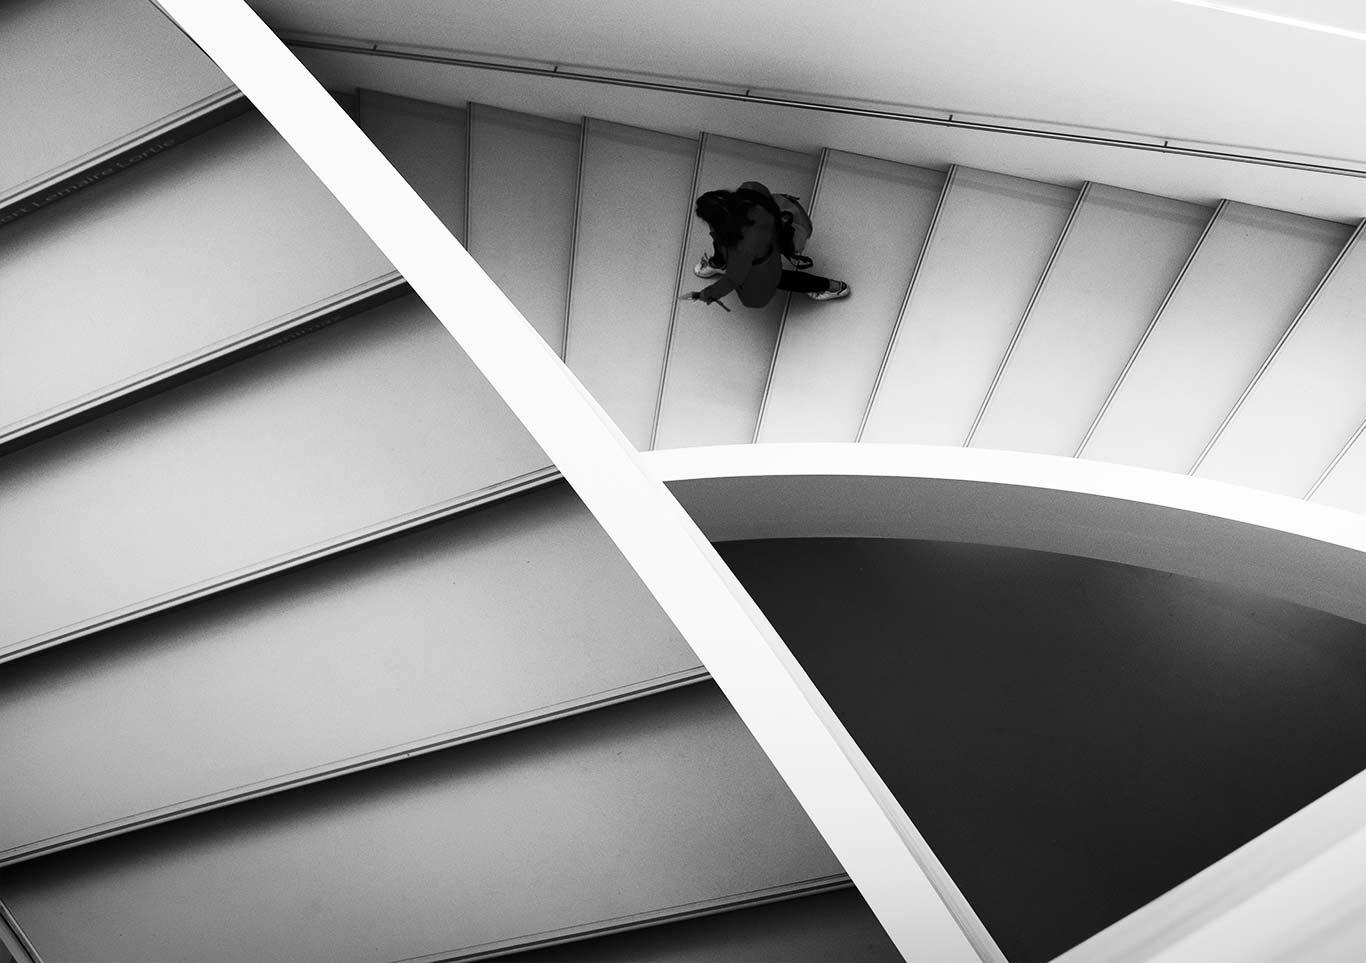 Woman walking down steps- top view